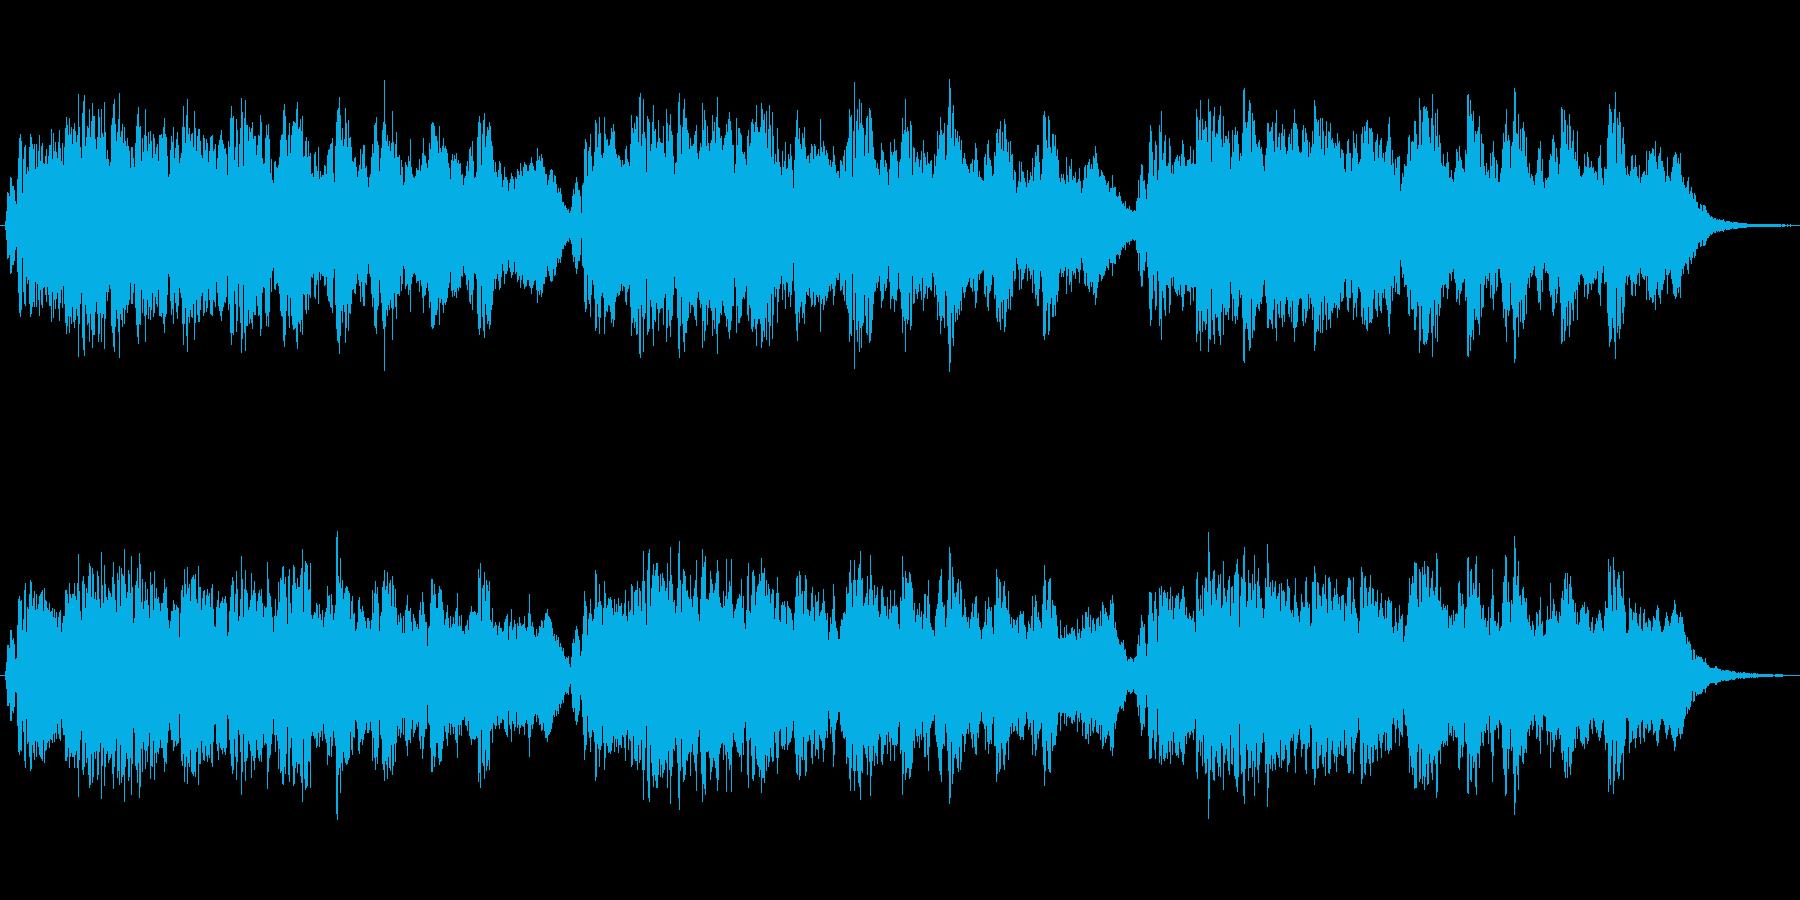 フルートによる素朴な雰囲気のジングルの再生済みの波形